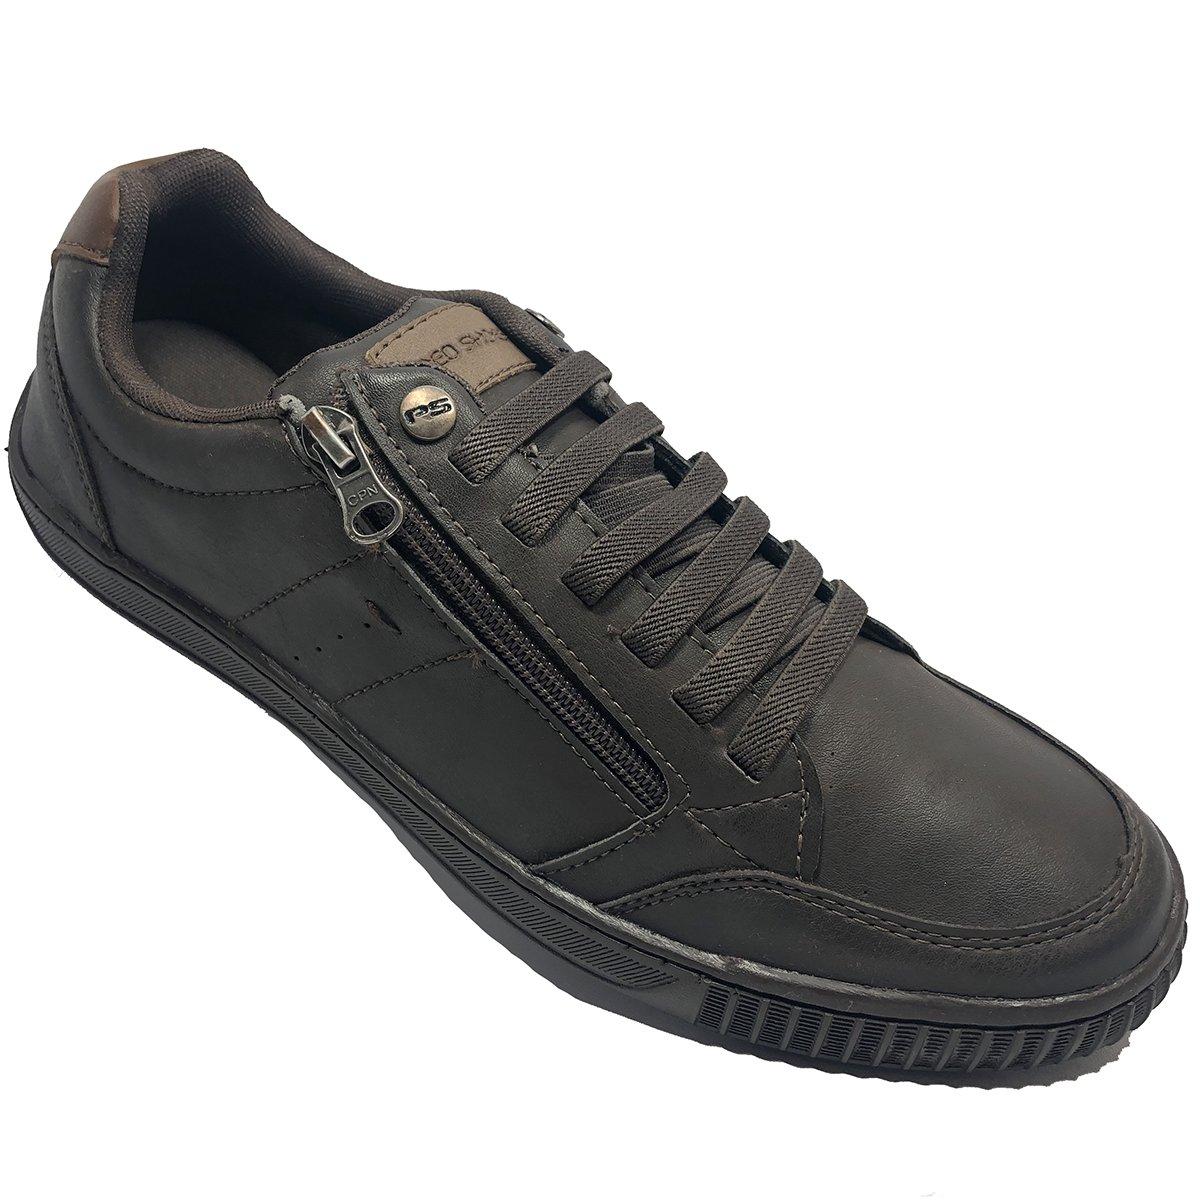 16d5d6656ad Sapatênis Ped Shoes Casual Masculino Café - Compre Agora